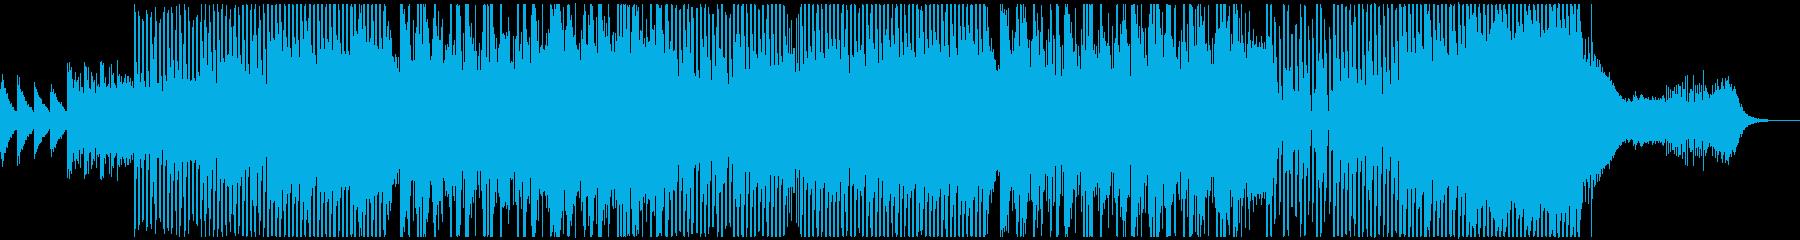 威勢のある元気で和風な印象のEDMの再生済みの波形